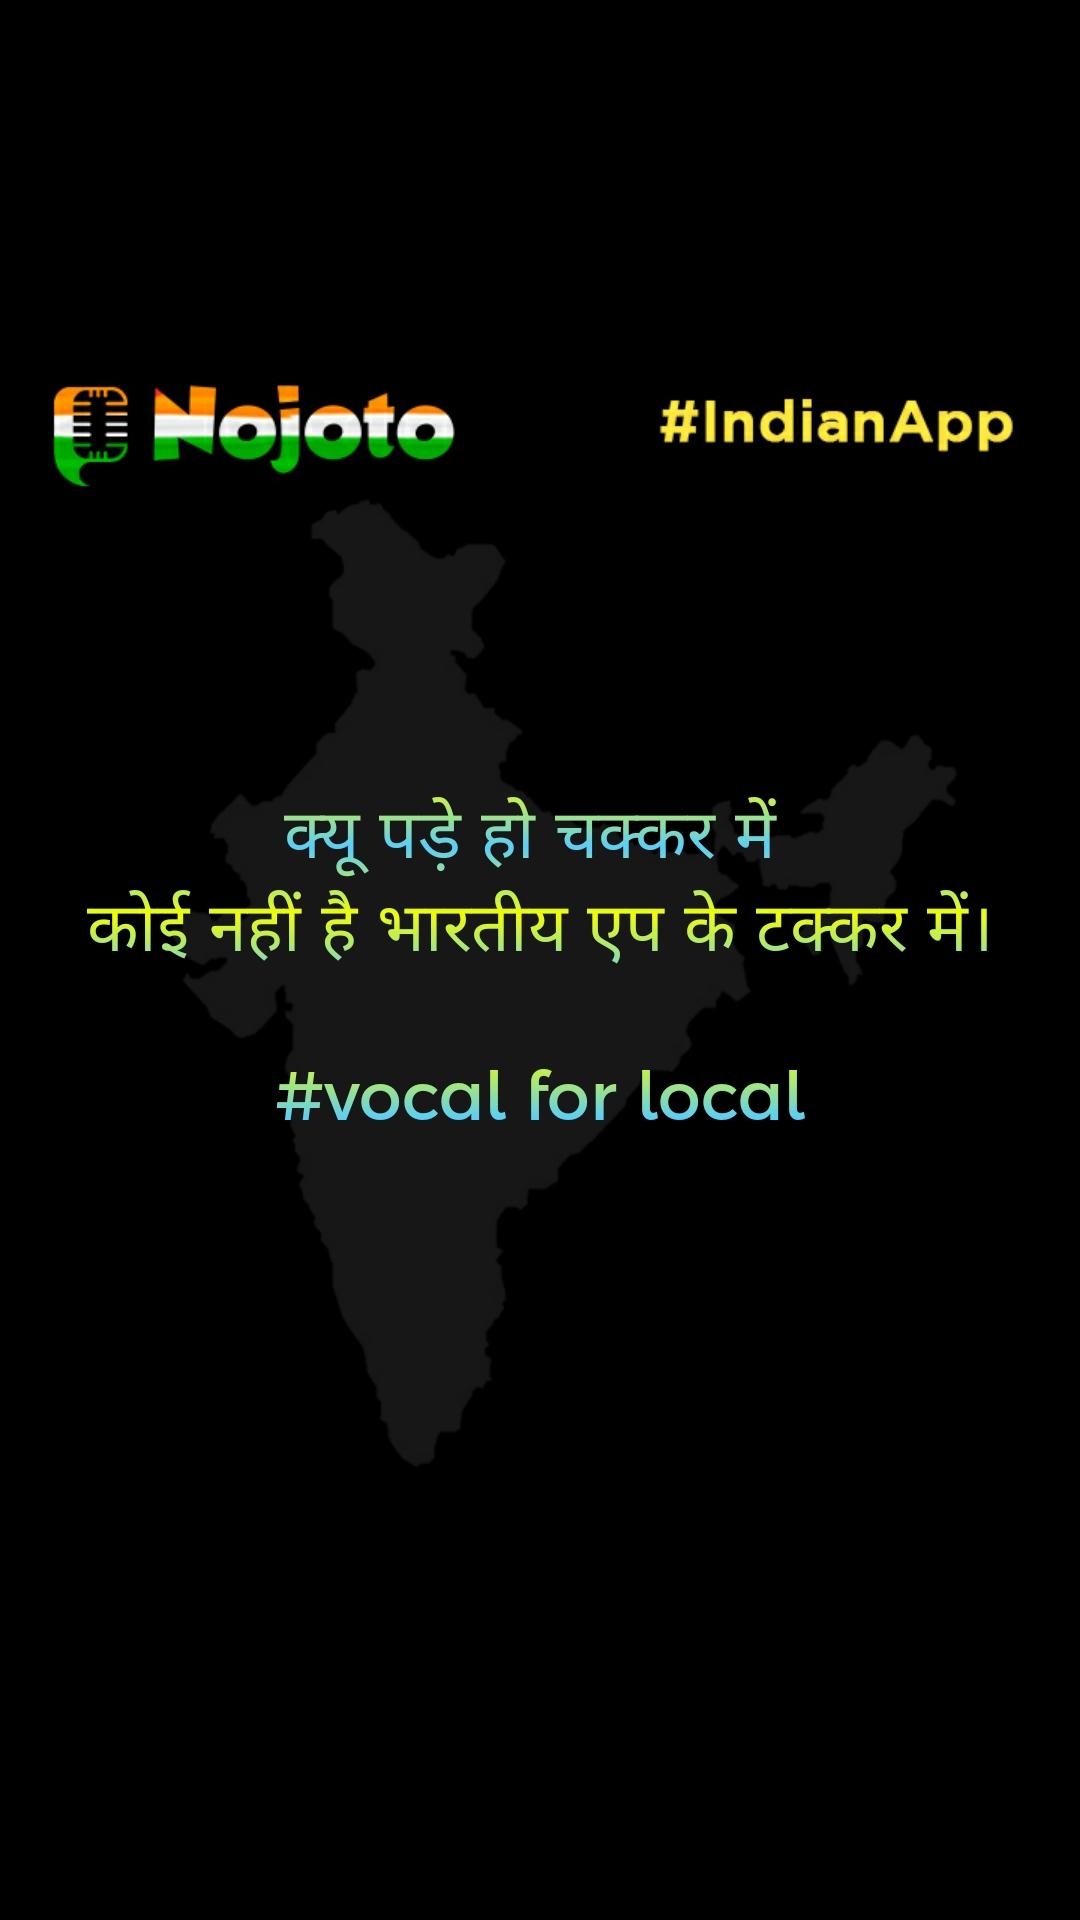 क्यू पड़े हो चक्कर में  कोई नहीं है भारतीय एप के टक्कर में।  #vocal for local